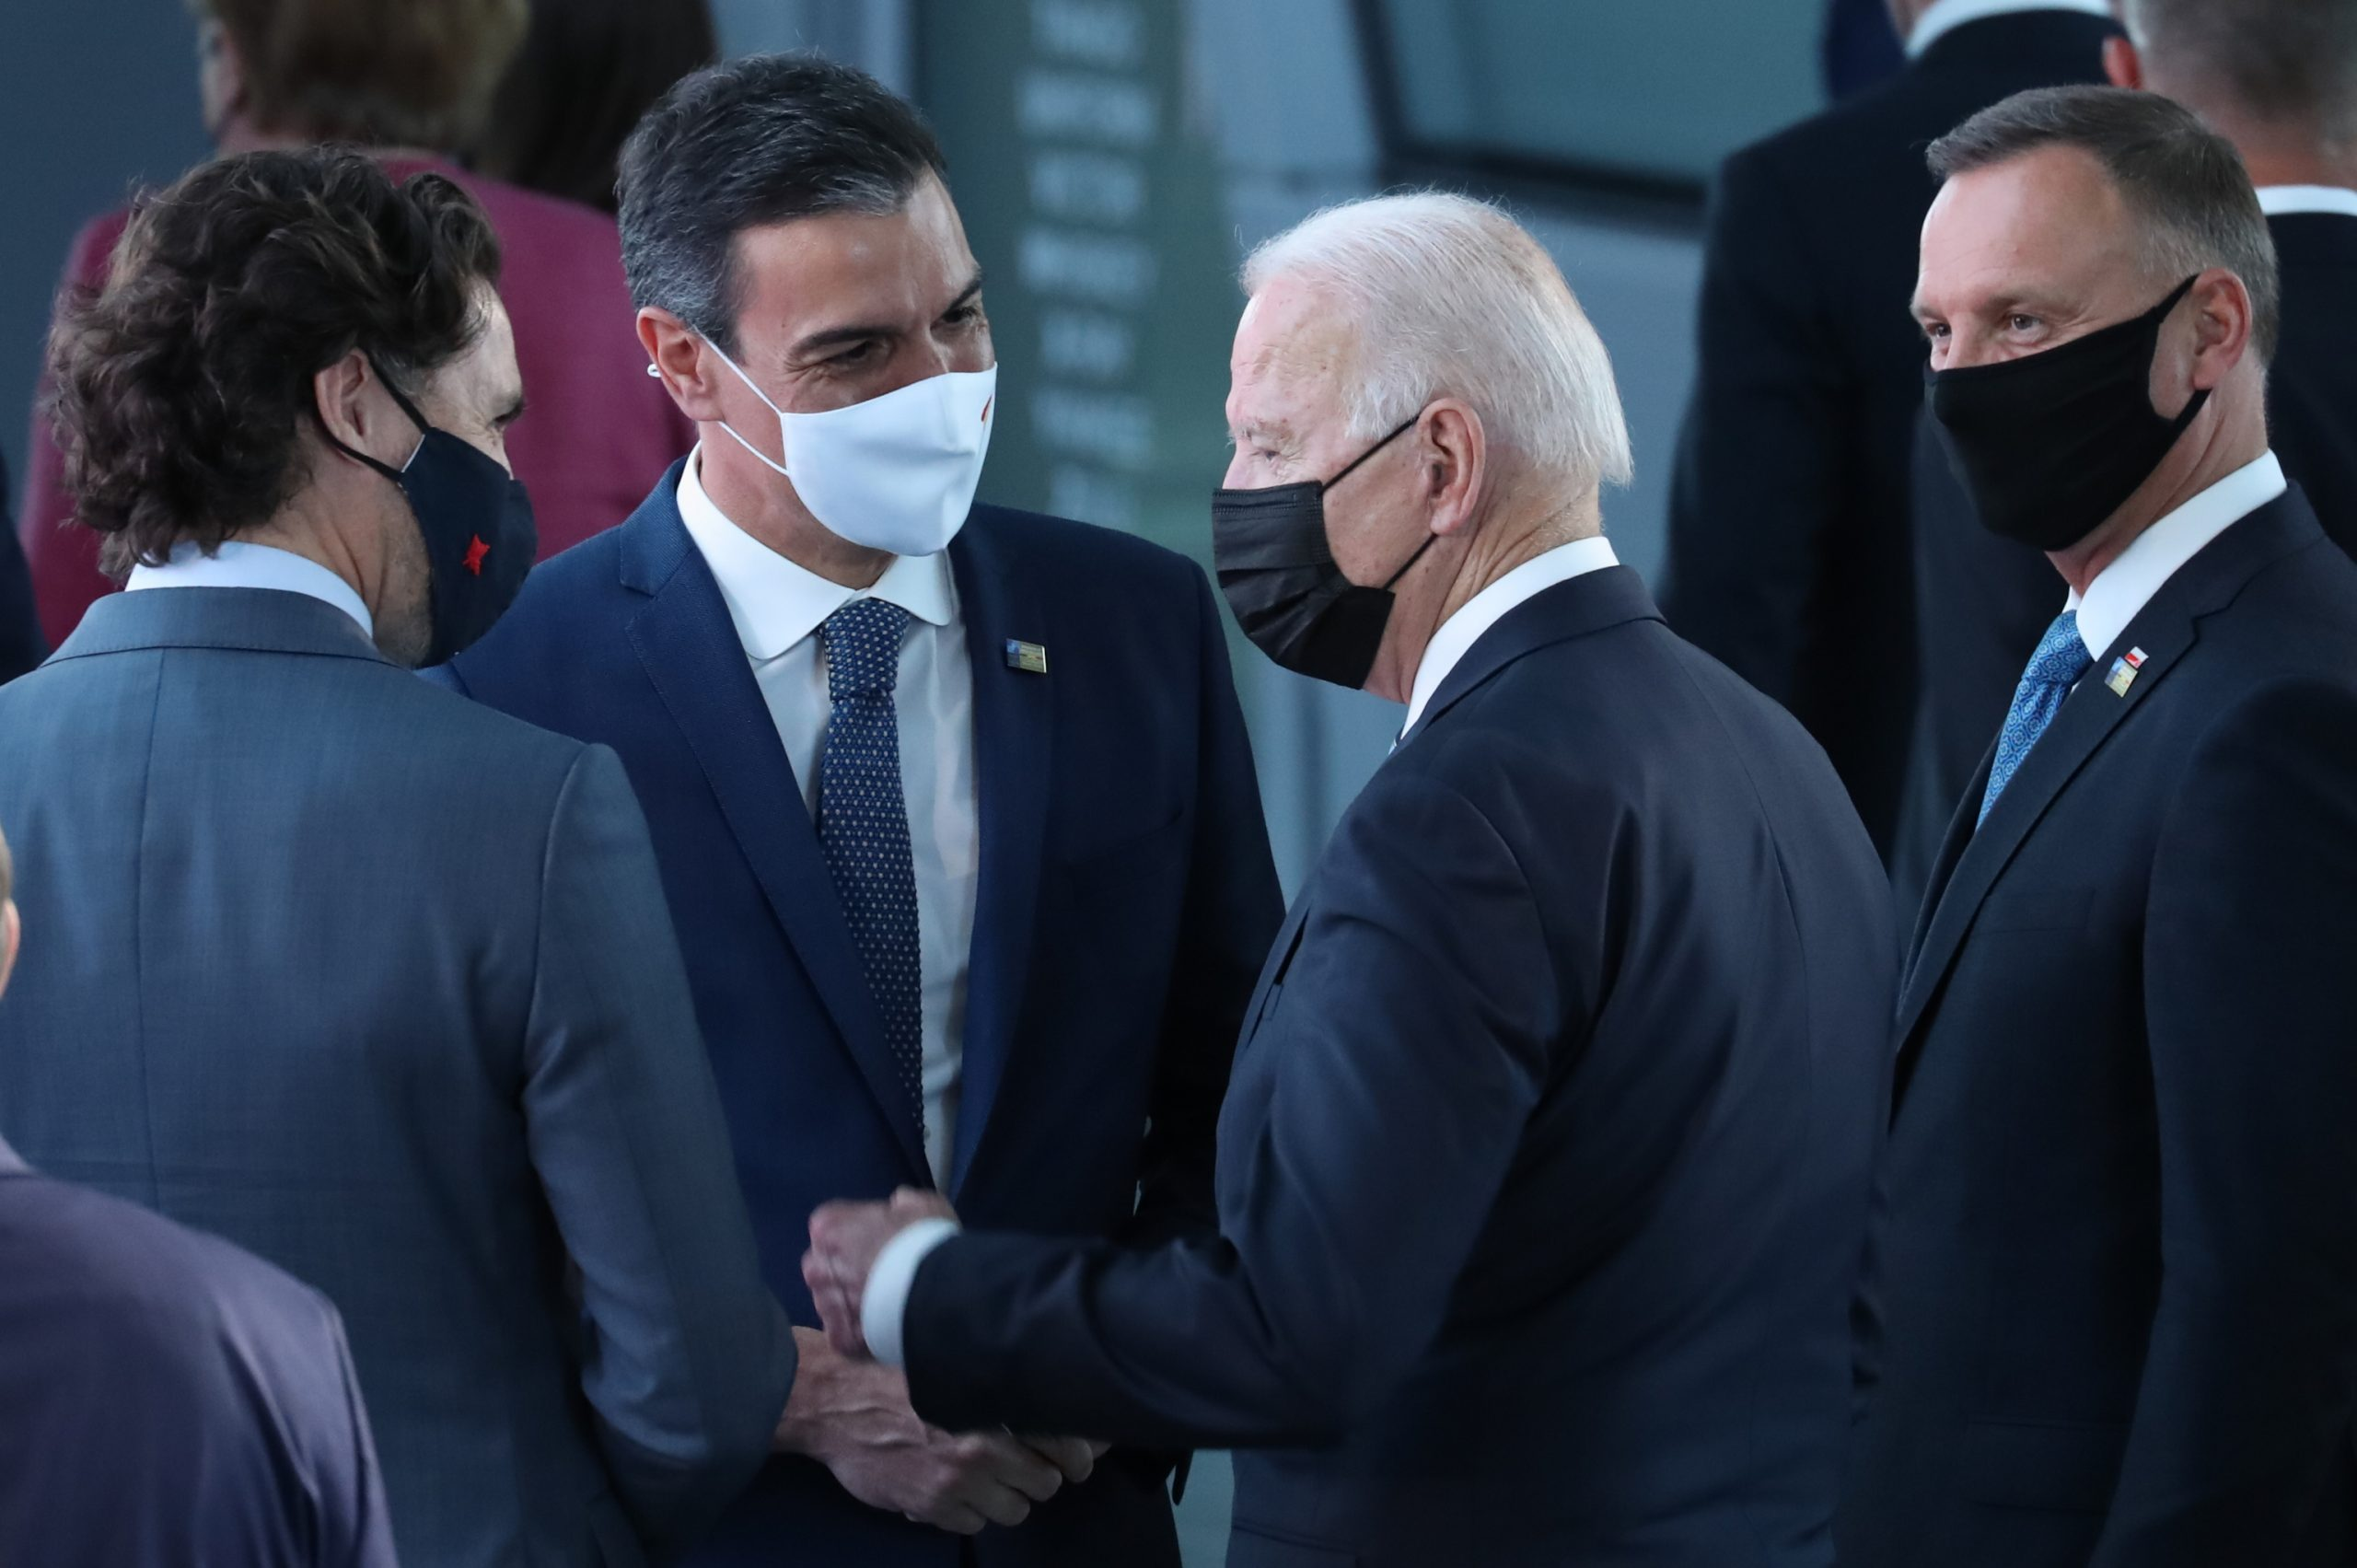 Biden i Sánchez mantenen una breu conversa d'uns 30 segons al passadís de la OTAN BENOIT DOPPAGNE /  BELGA /  DPA